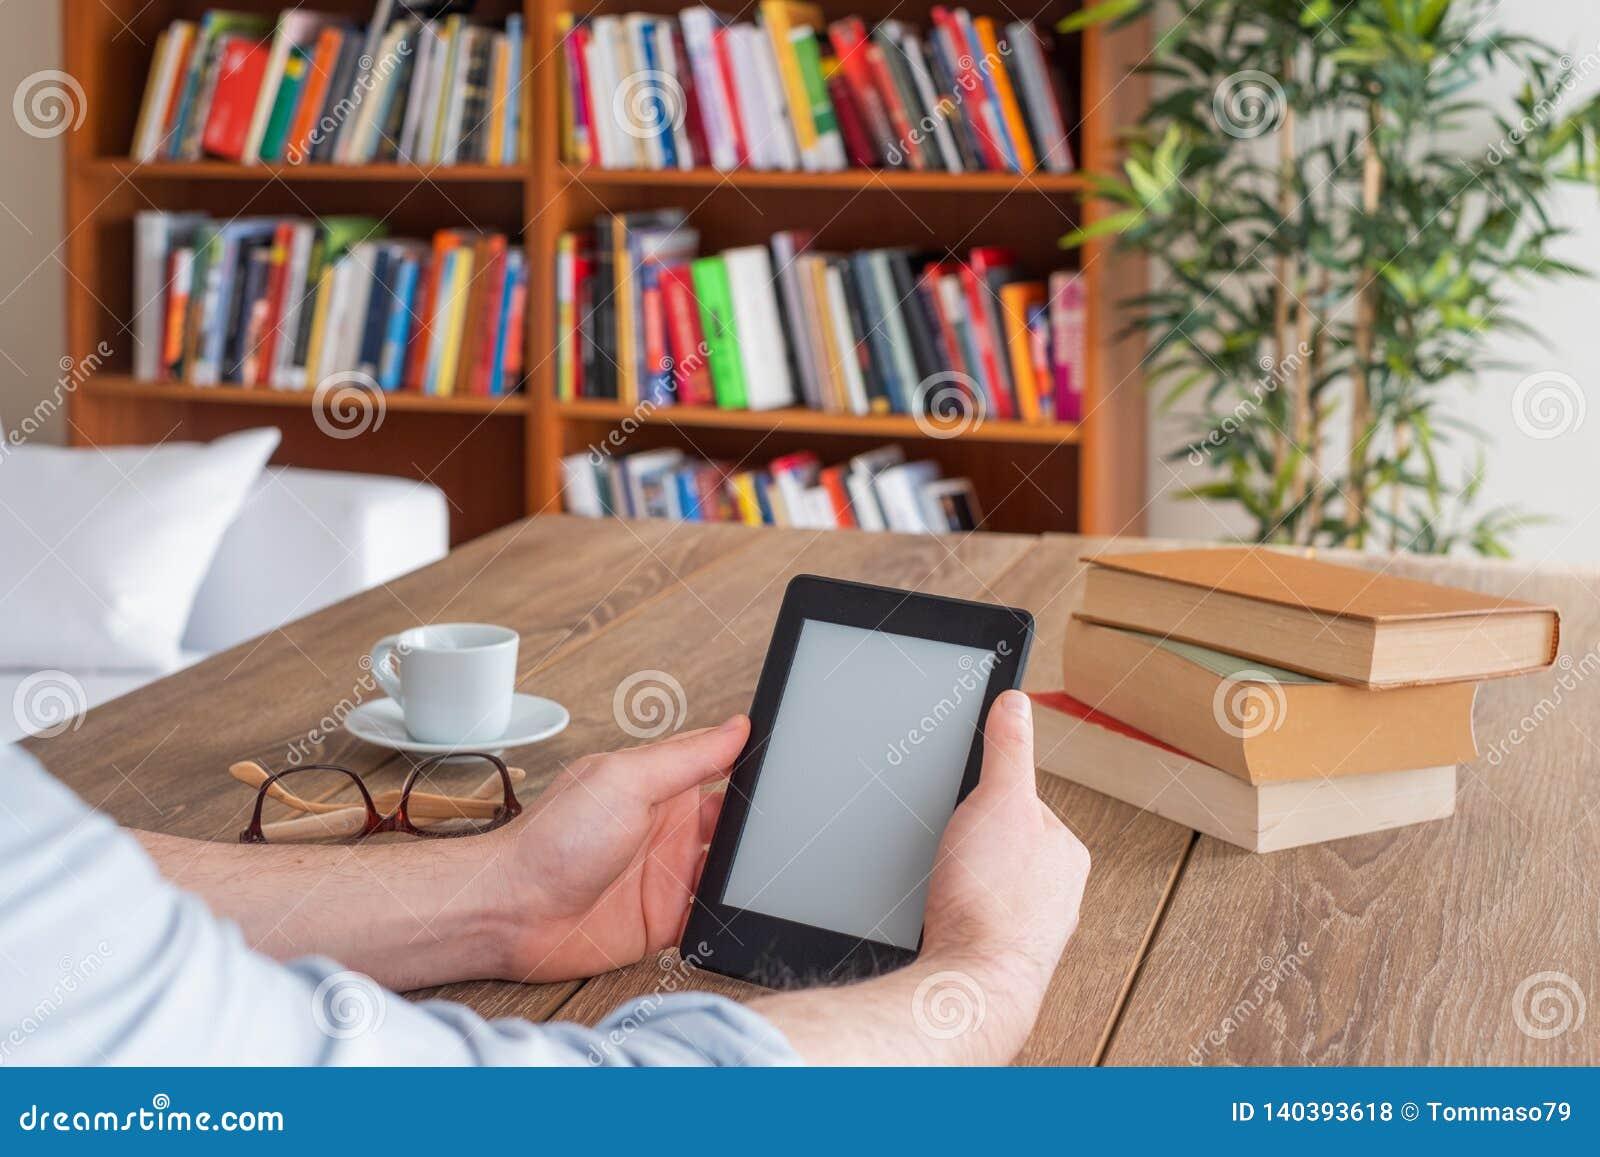 Studentenhände, die zu Hause einen ebook Leser halten